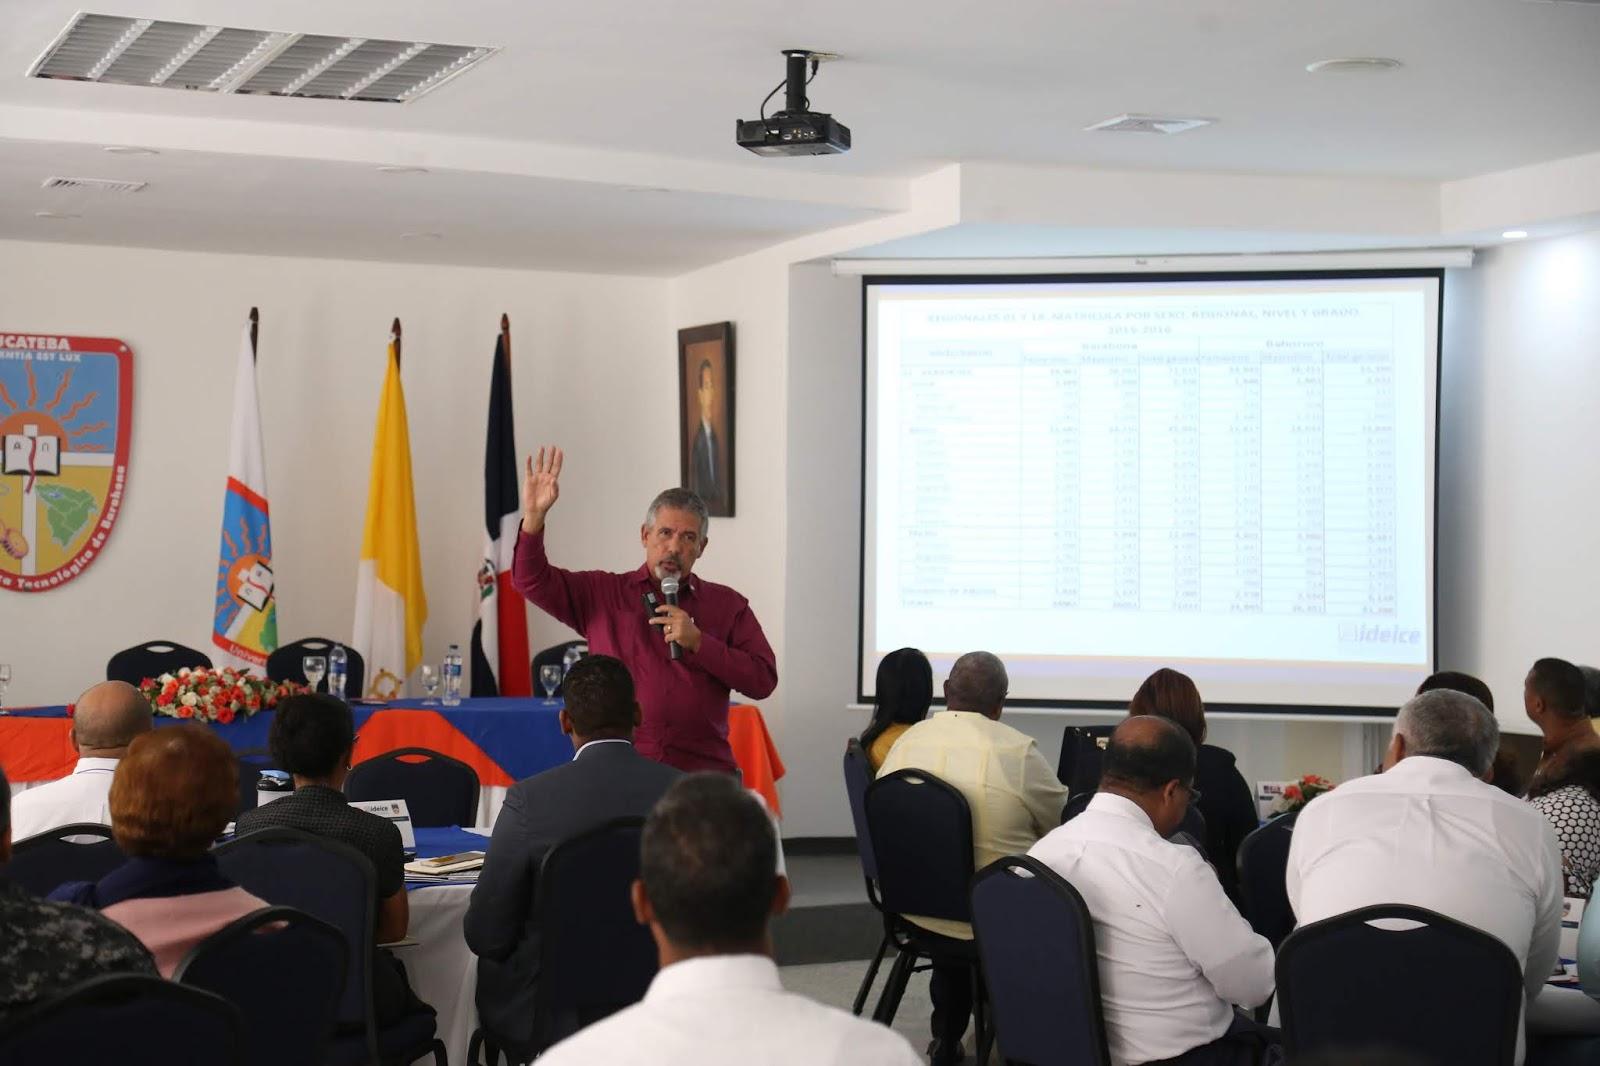 """UCATEBA e IDEICE implementan mesa de diálogo """"Gestión y Deserción Escolar en los Centros Educativos"""""""